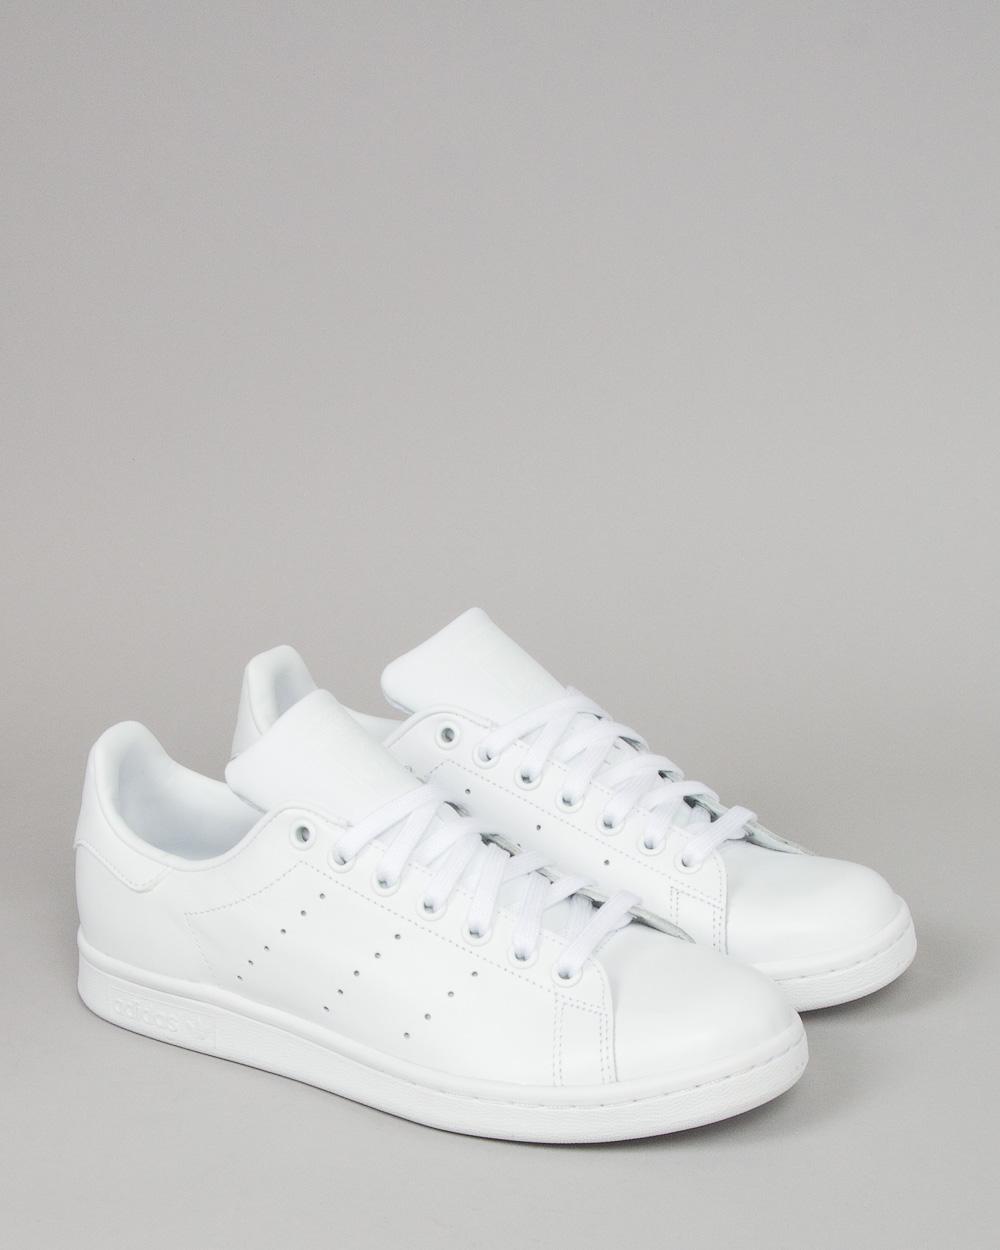 Adidas Originals Stan Smith Reissue   HiConsumption